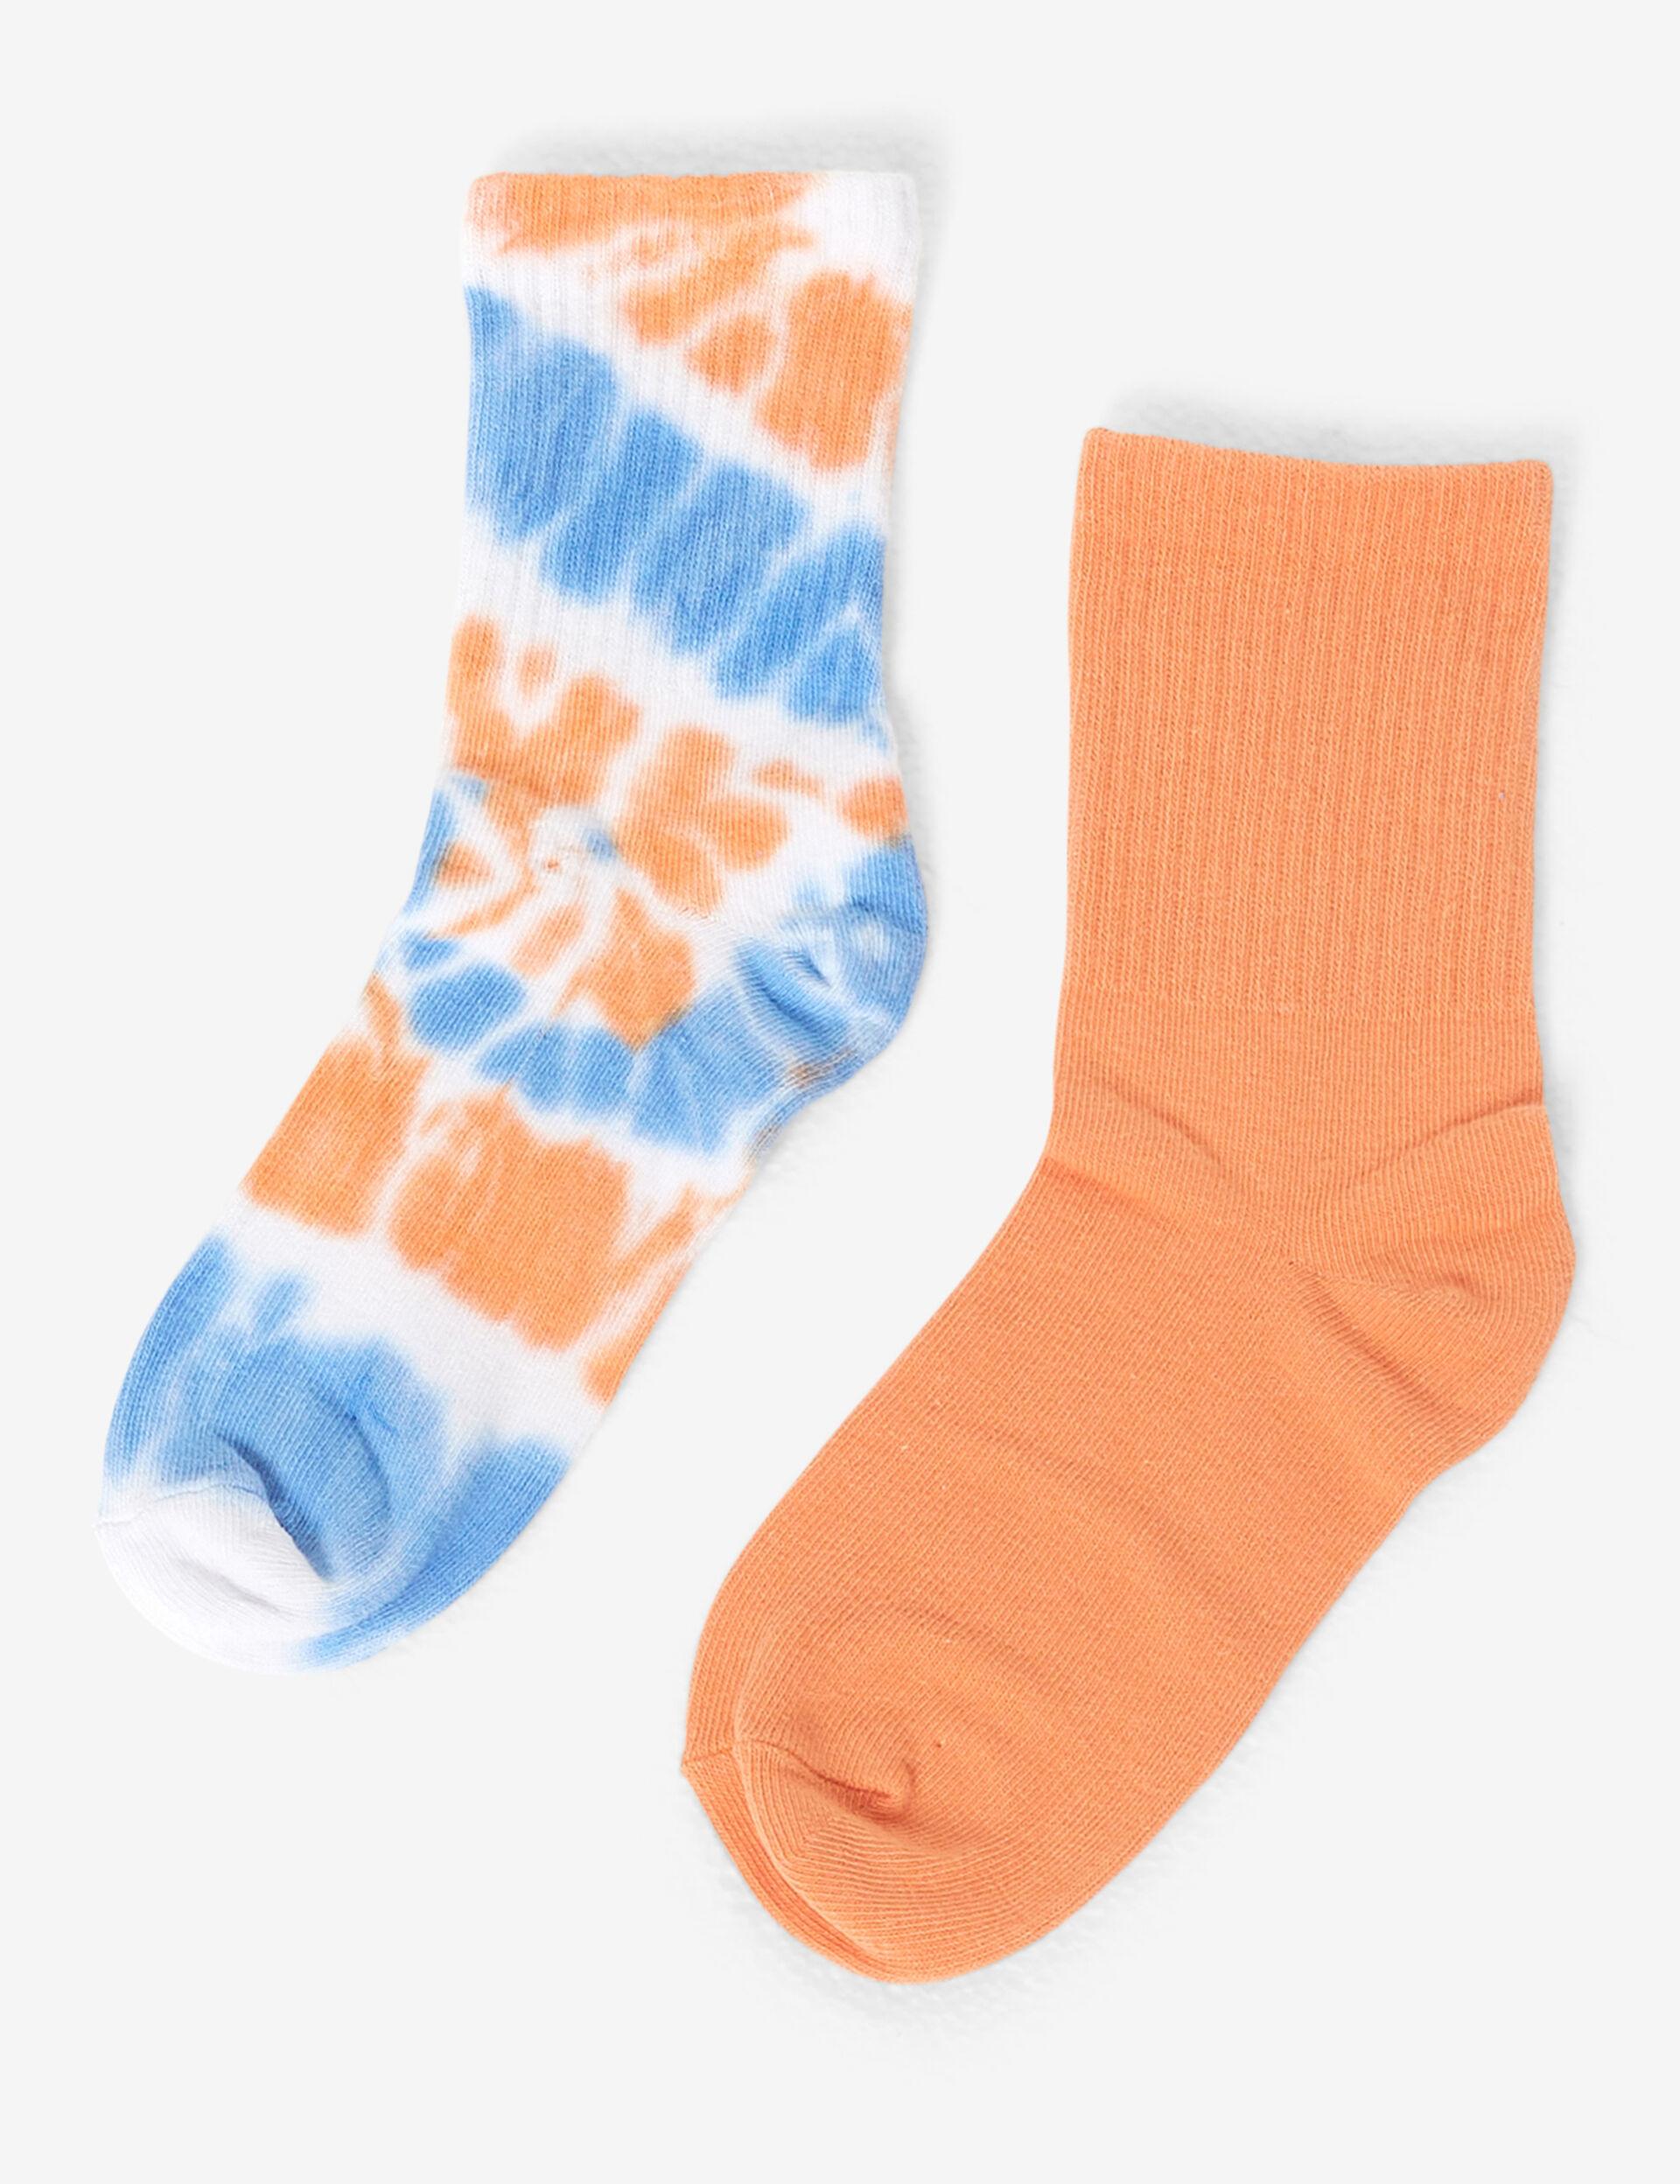 Chaussettes hautes imprimées